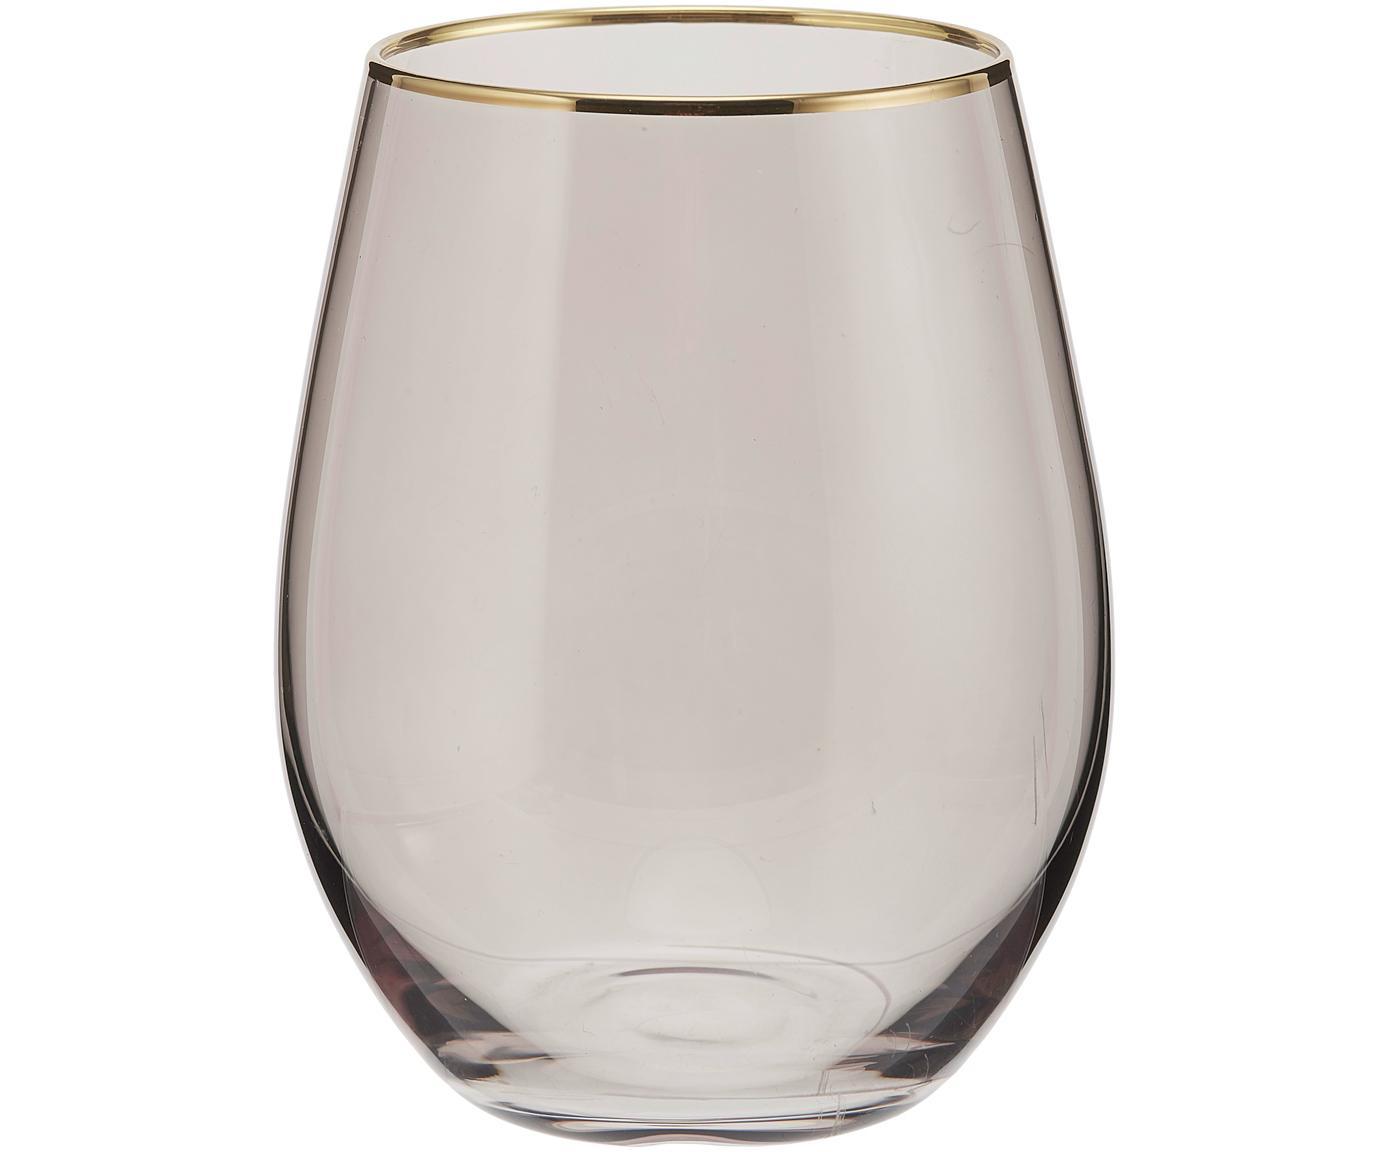 Szklanka do wody Chloe, 4 szt., Szkło, Ciemny niebieski, odcienie złotego, Ø 10 x W 15 cm